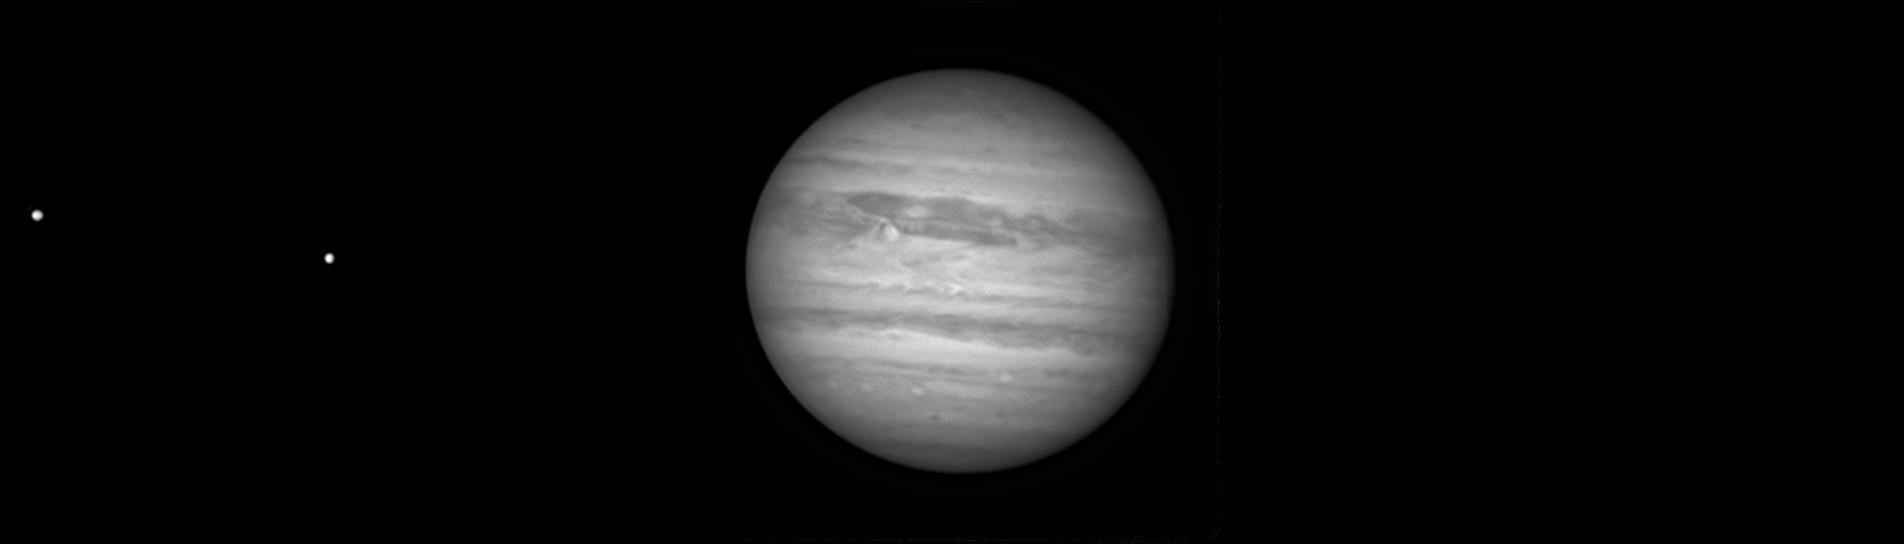 2020-06-10-0237_4-L-Jupiter_ZWO ASI290MM Mini_lapl5_ap496.png